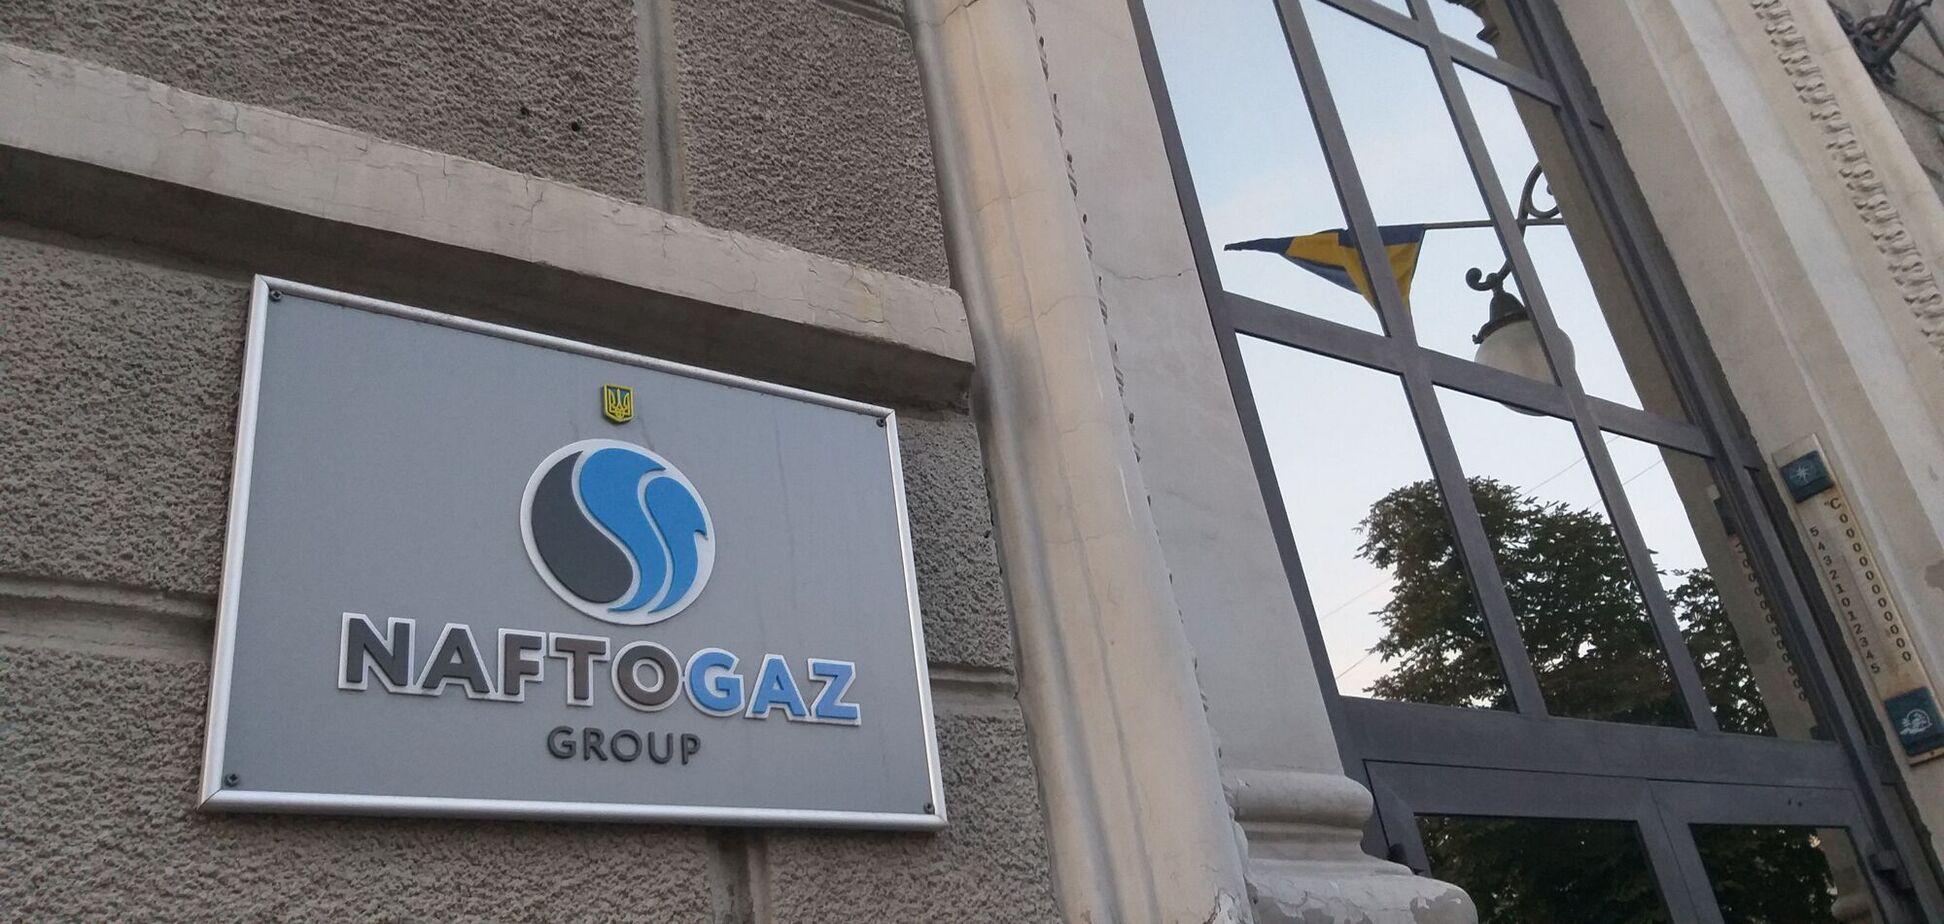 Скандал вокруг аудита 'Нафтогаза' связан с попыткой не платить долги, – Сазонов